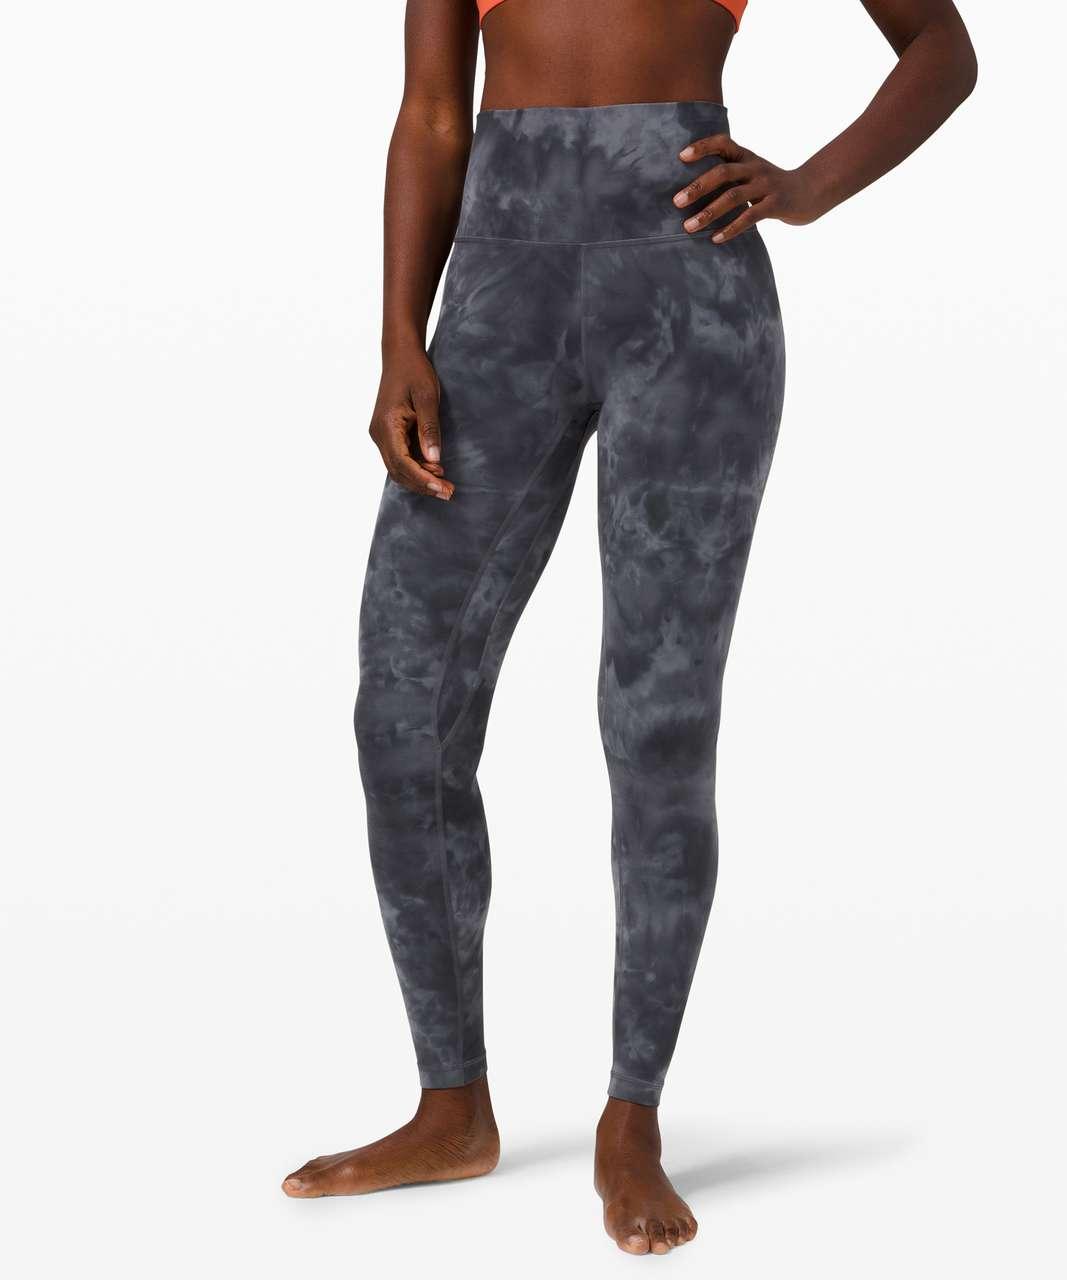 """Lululemon Align Pant 28"""" *Diamond Dye - Diamond Dye Pitch Grey Graphite Grey"""